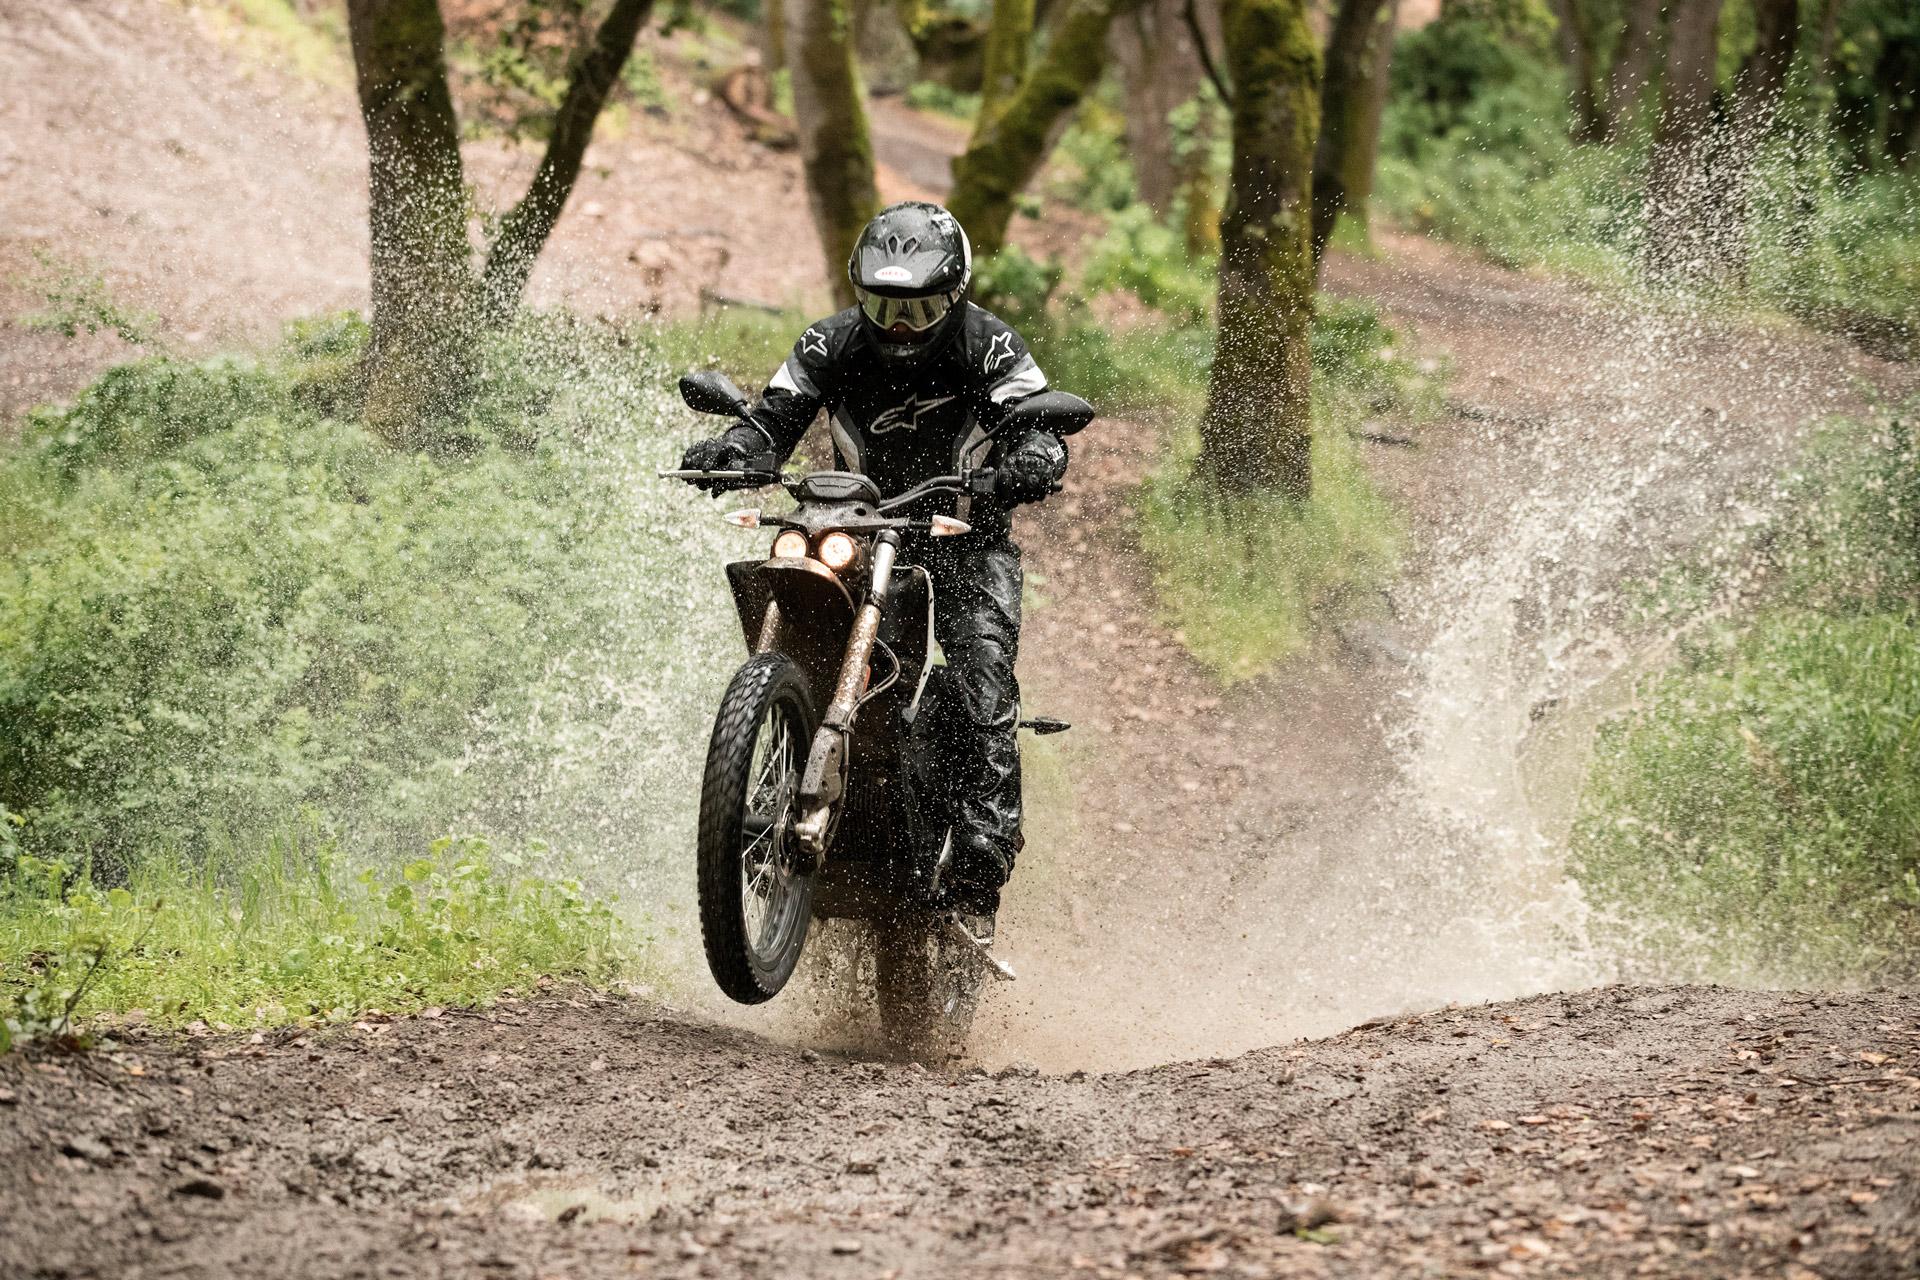 Zero Motorbike at the dirt